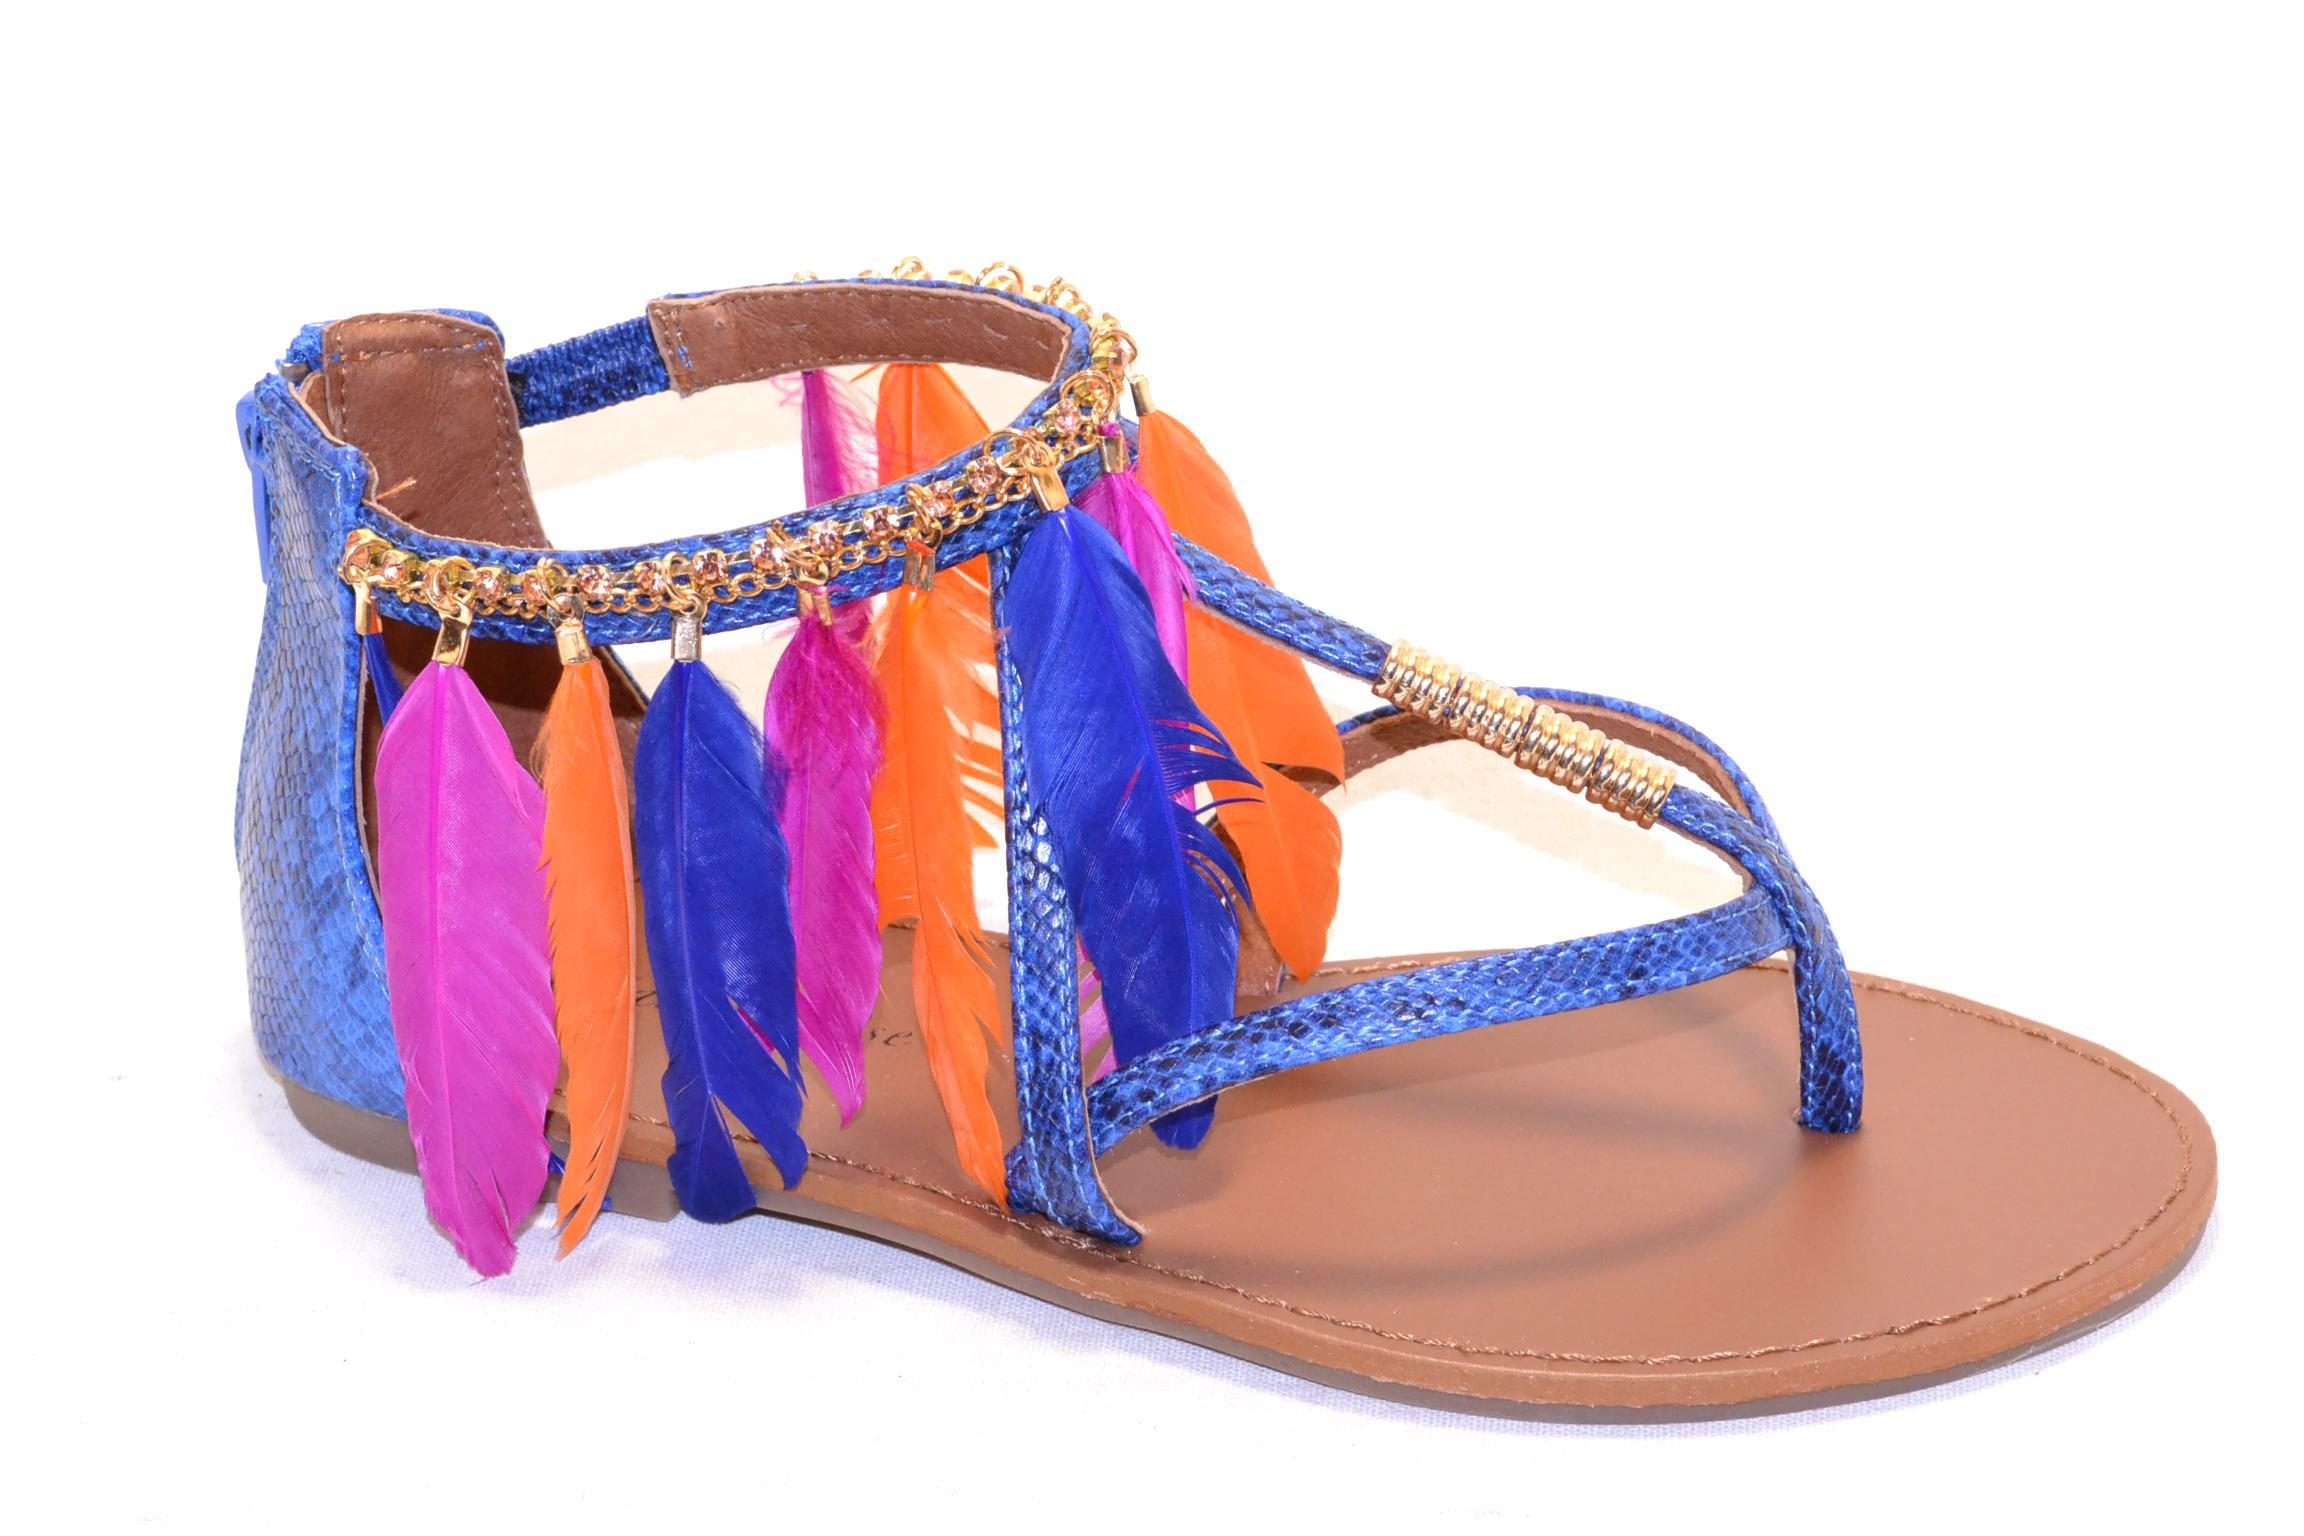 boutique chaussures janssens place du marche 47120 duras k daques torta noir